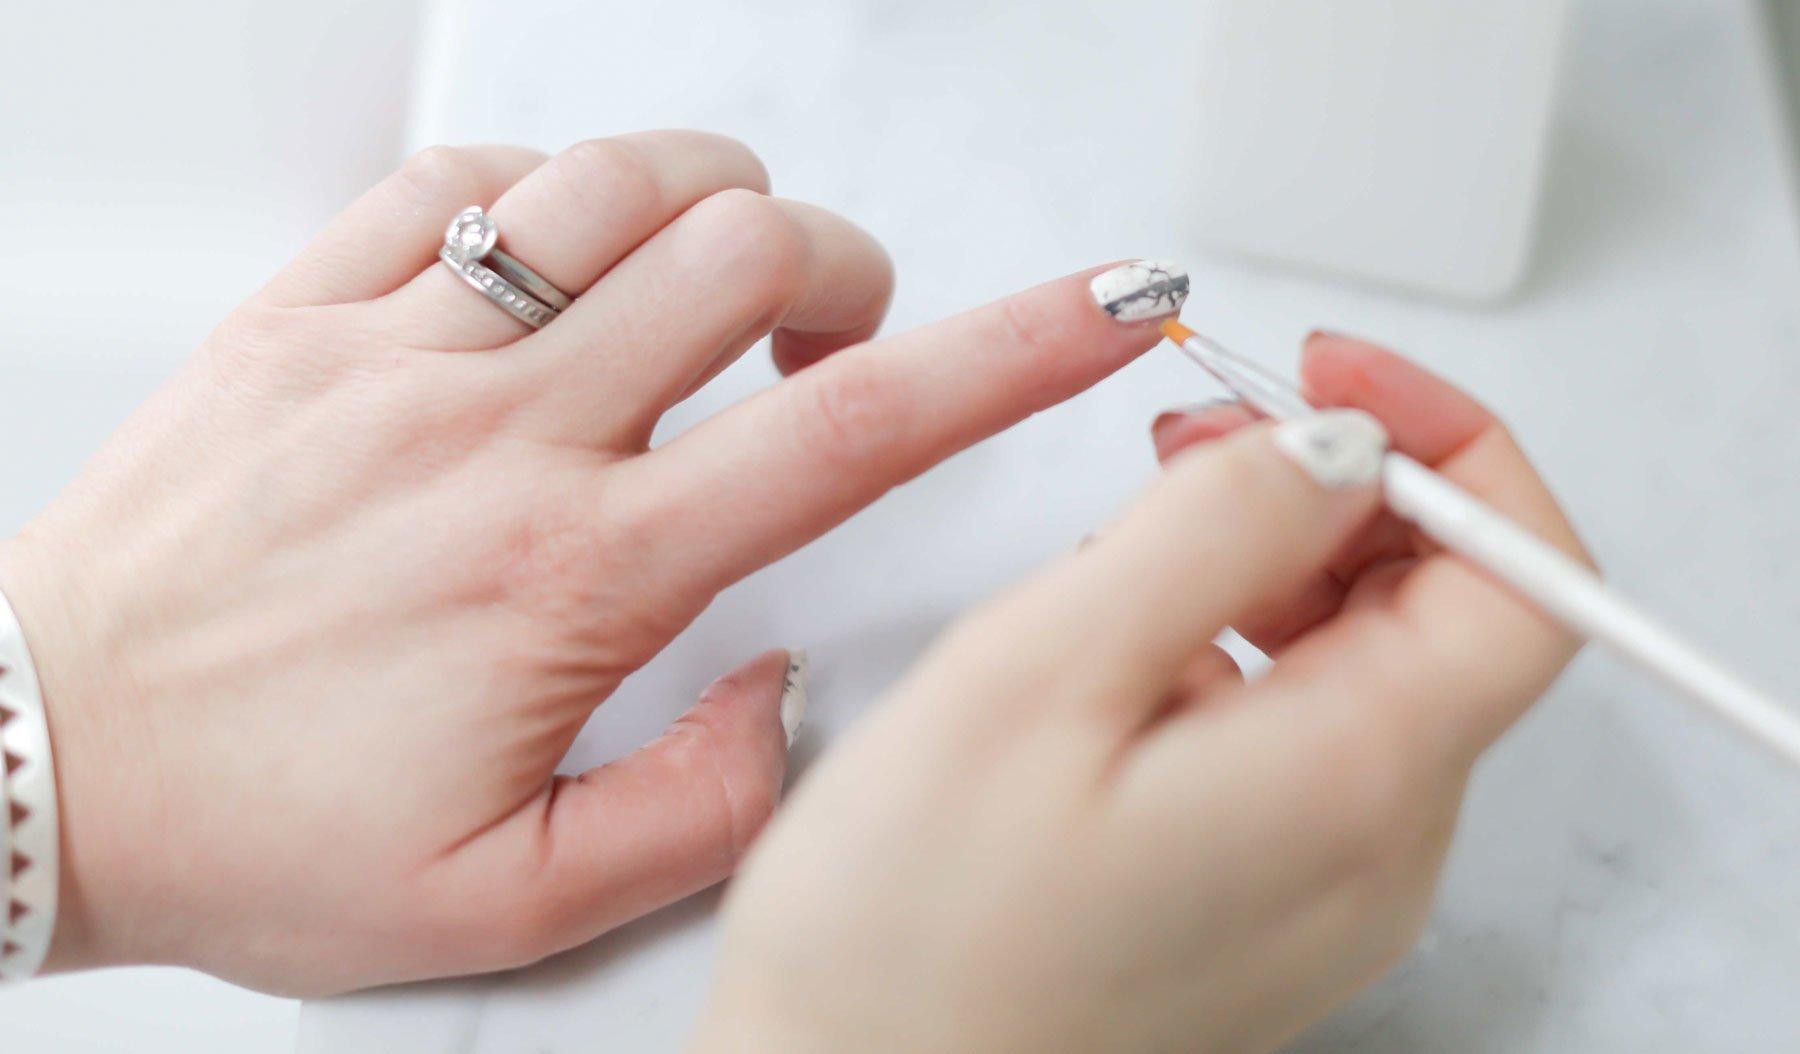 mramornyj-manikyur-foto_53 Мраморный маникюр: топ-8 стильных идей дизайна для ногтей